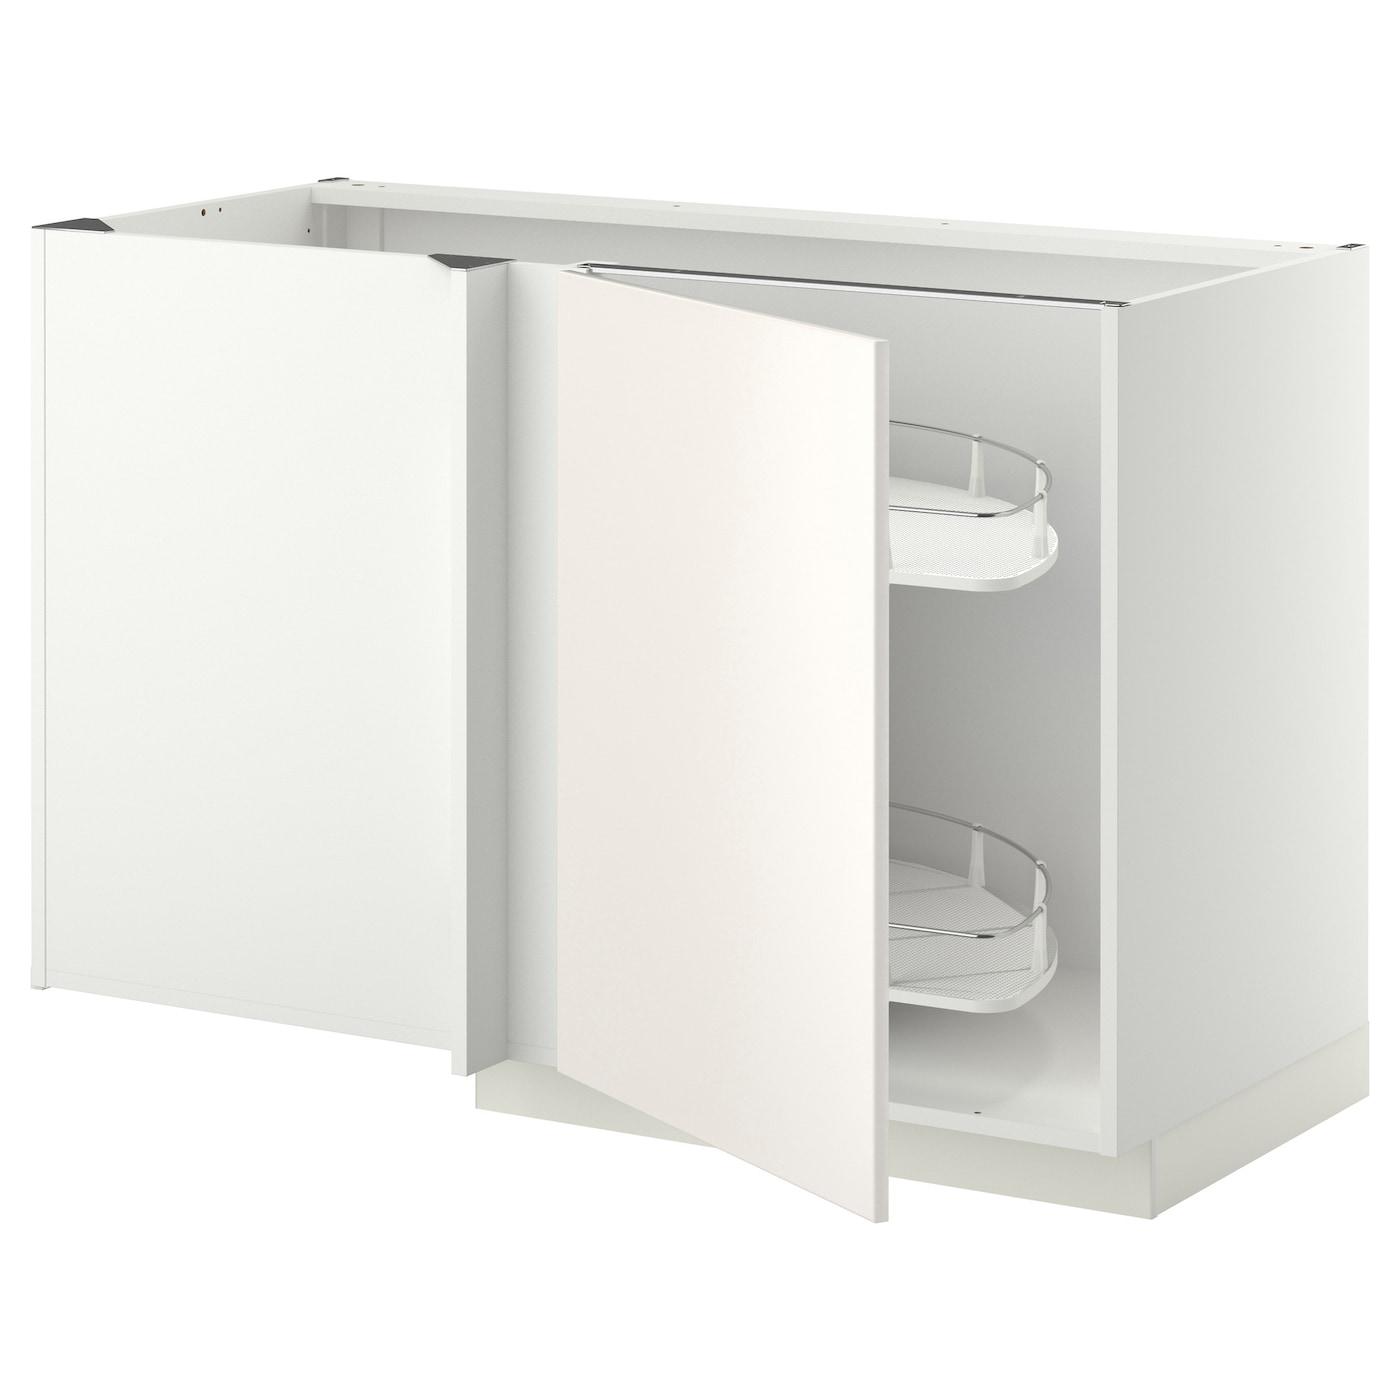 METOD Armario bajo esquina con extraíble Blanco/veddinge blanco 128 ...